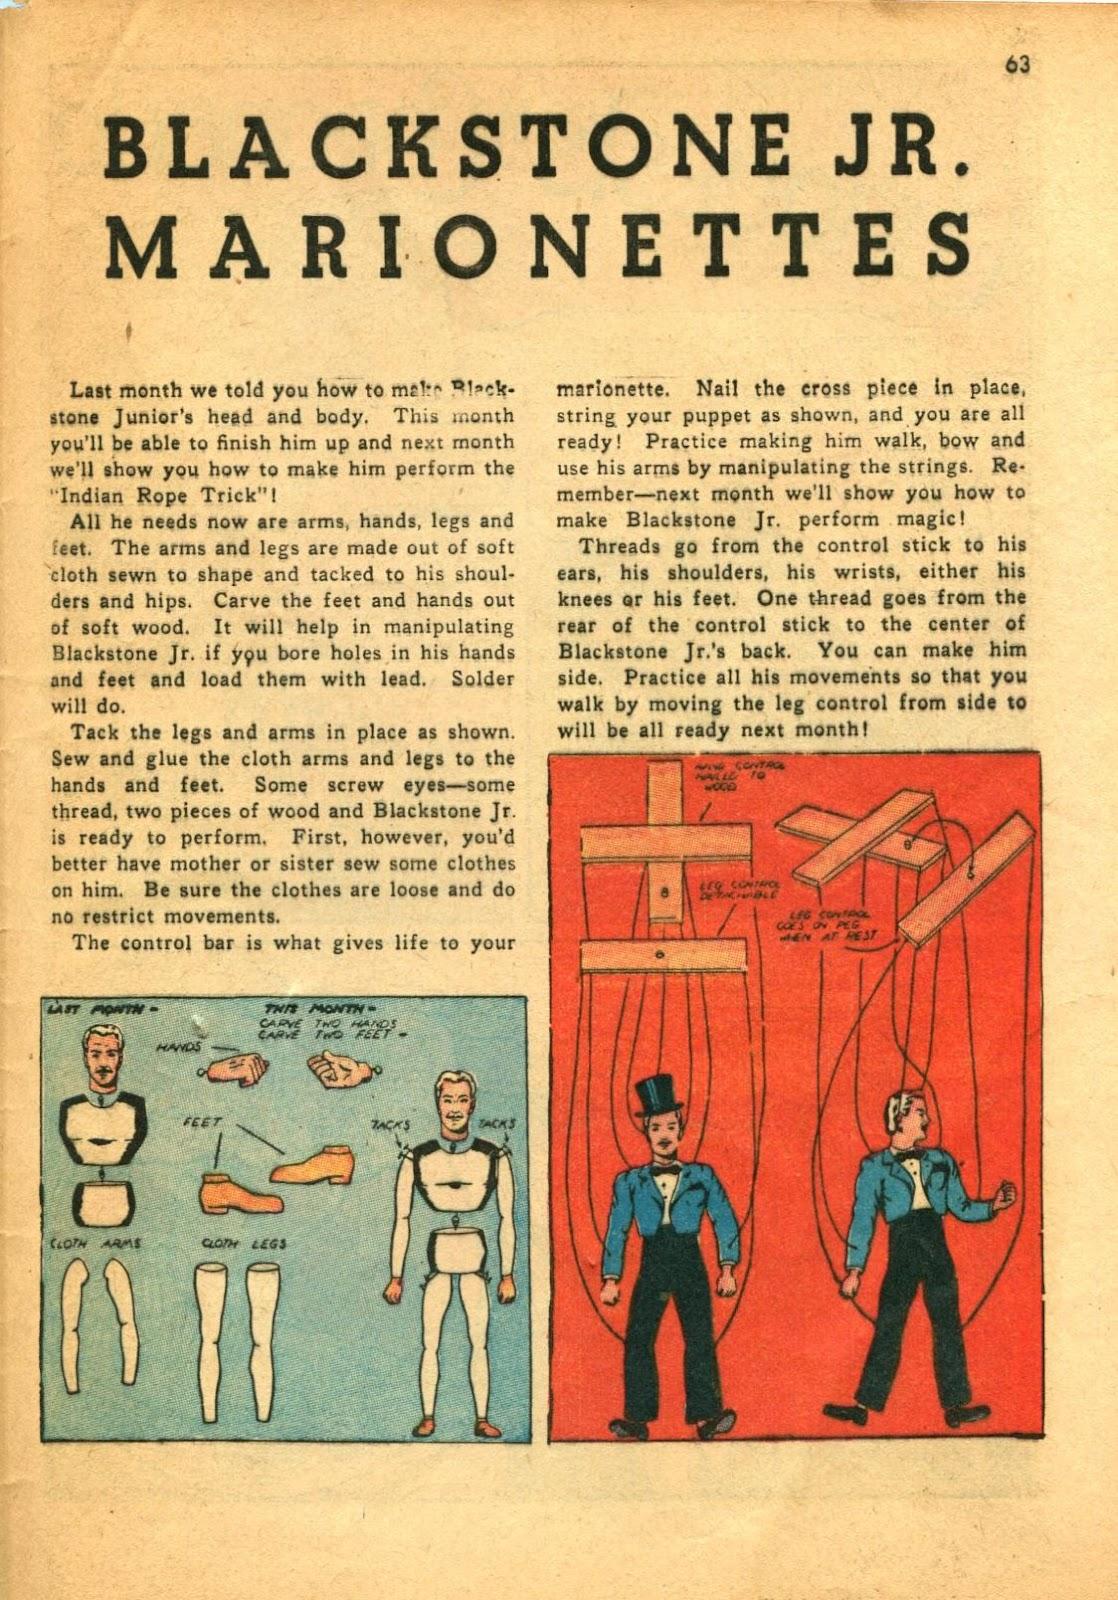 Read online Super-Magician Comics comic -  Issue #11 - 63